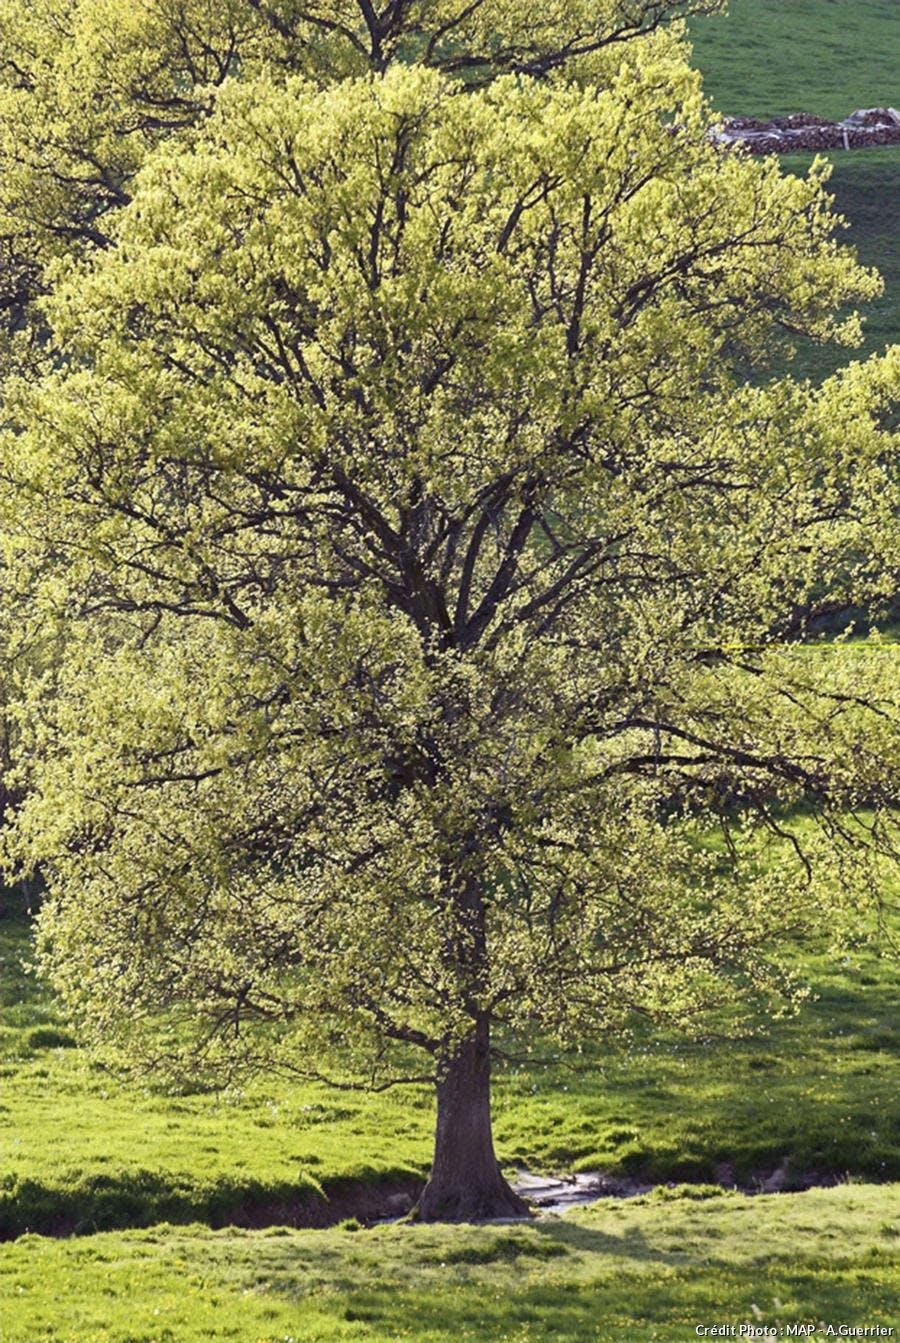 Comment Planter Un Arbre Fruitier châtaignier : les 6 étapes de plantation (100% réussite